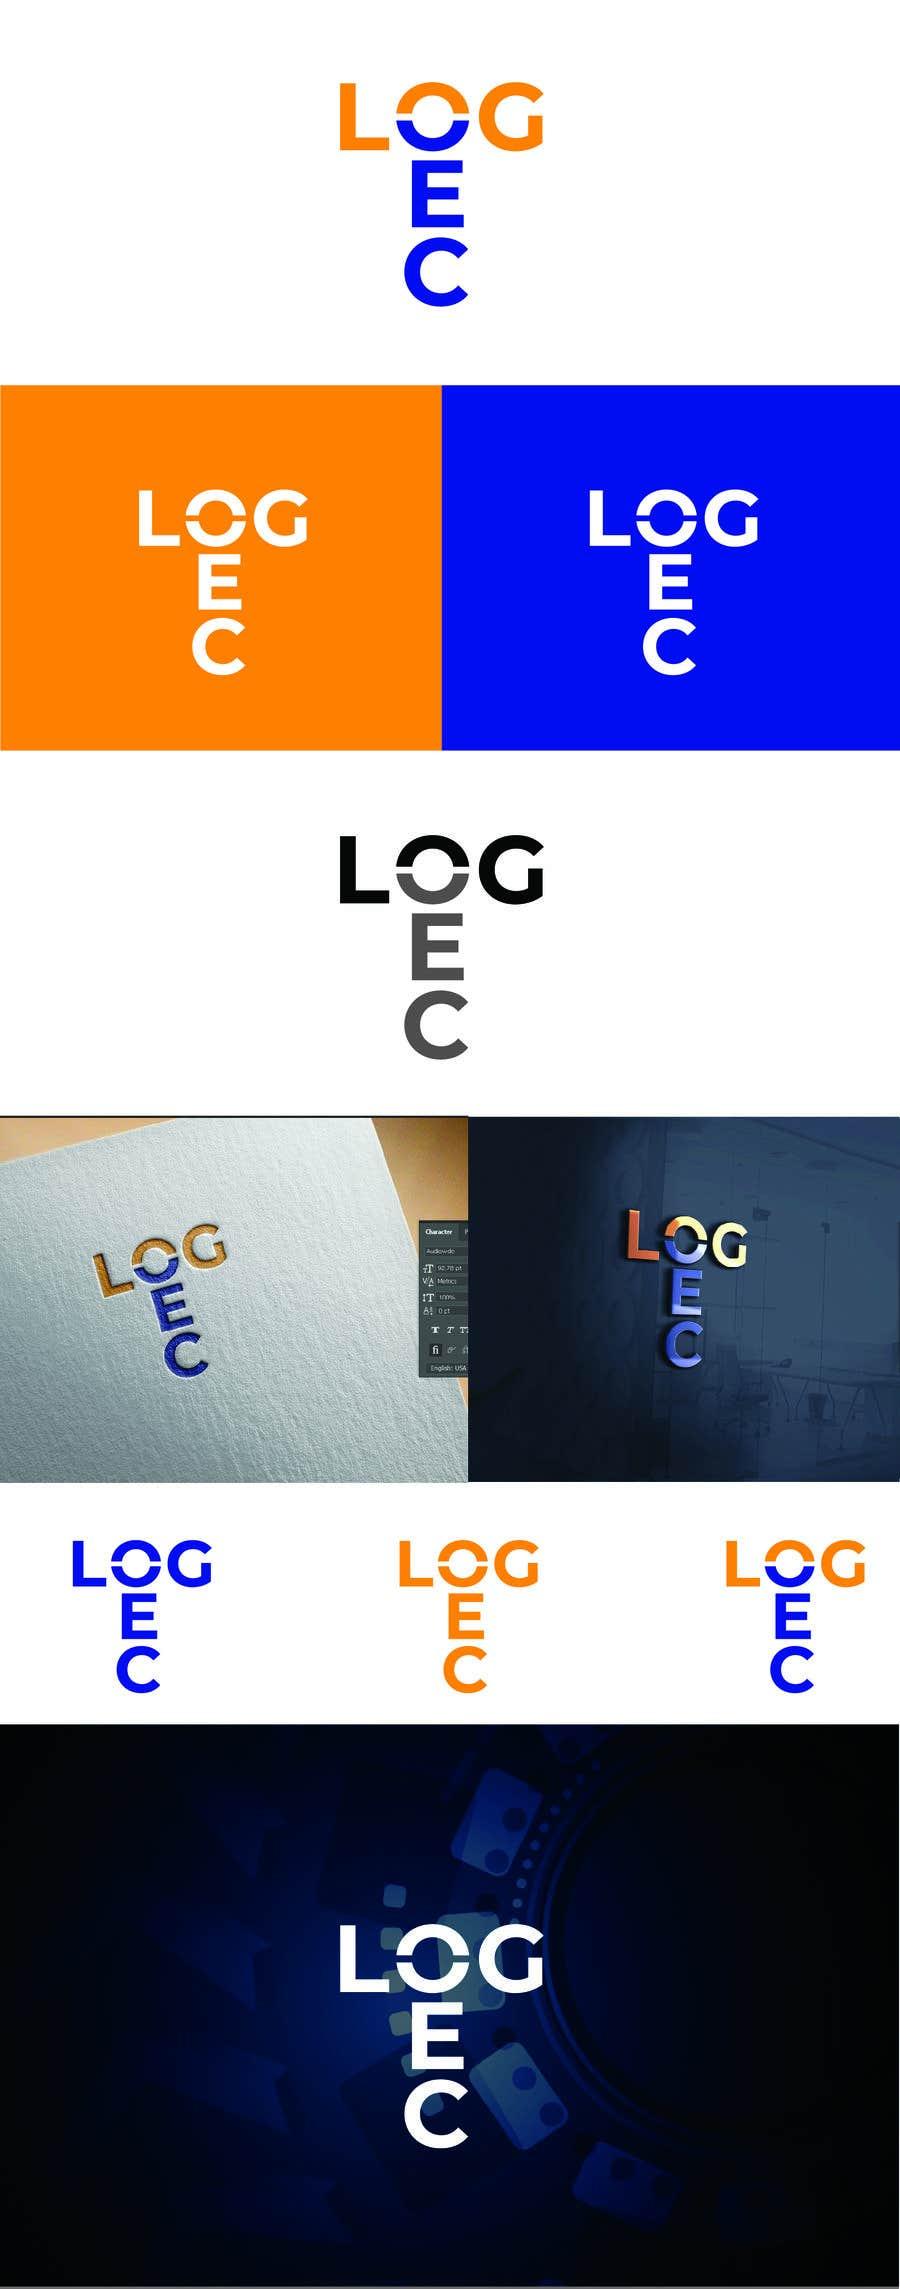 Proposition n°                                        30                                      du concours                                         Création d'un logo - 03/12/2019 08:29 EST